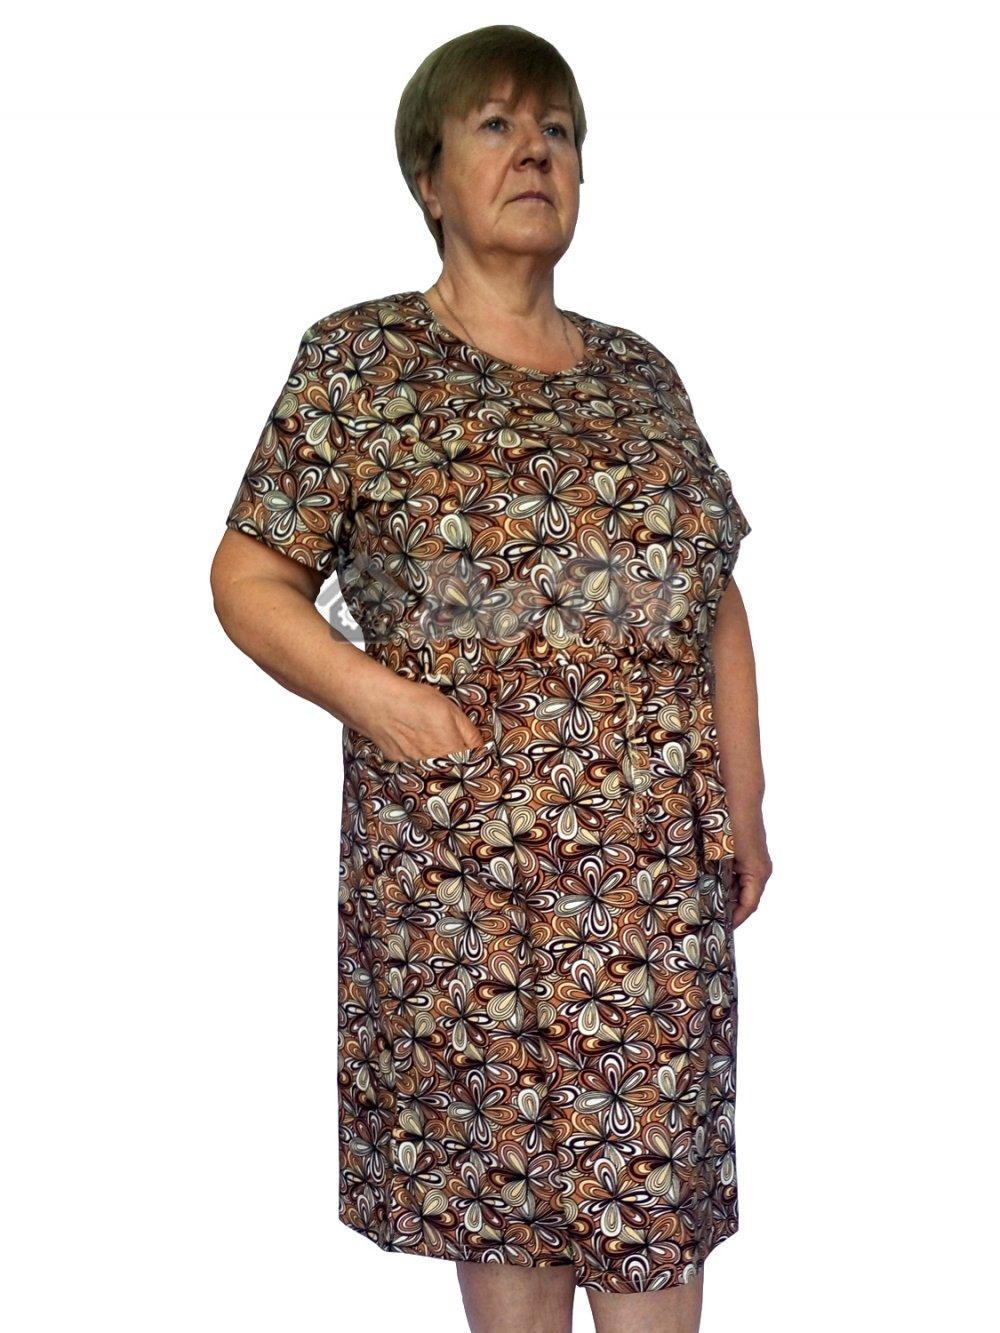 Увеличить - Платье «Модель №1» арт 001 бежевые цветы на коричневом фоне